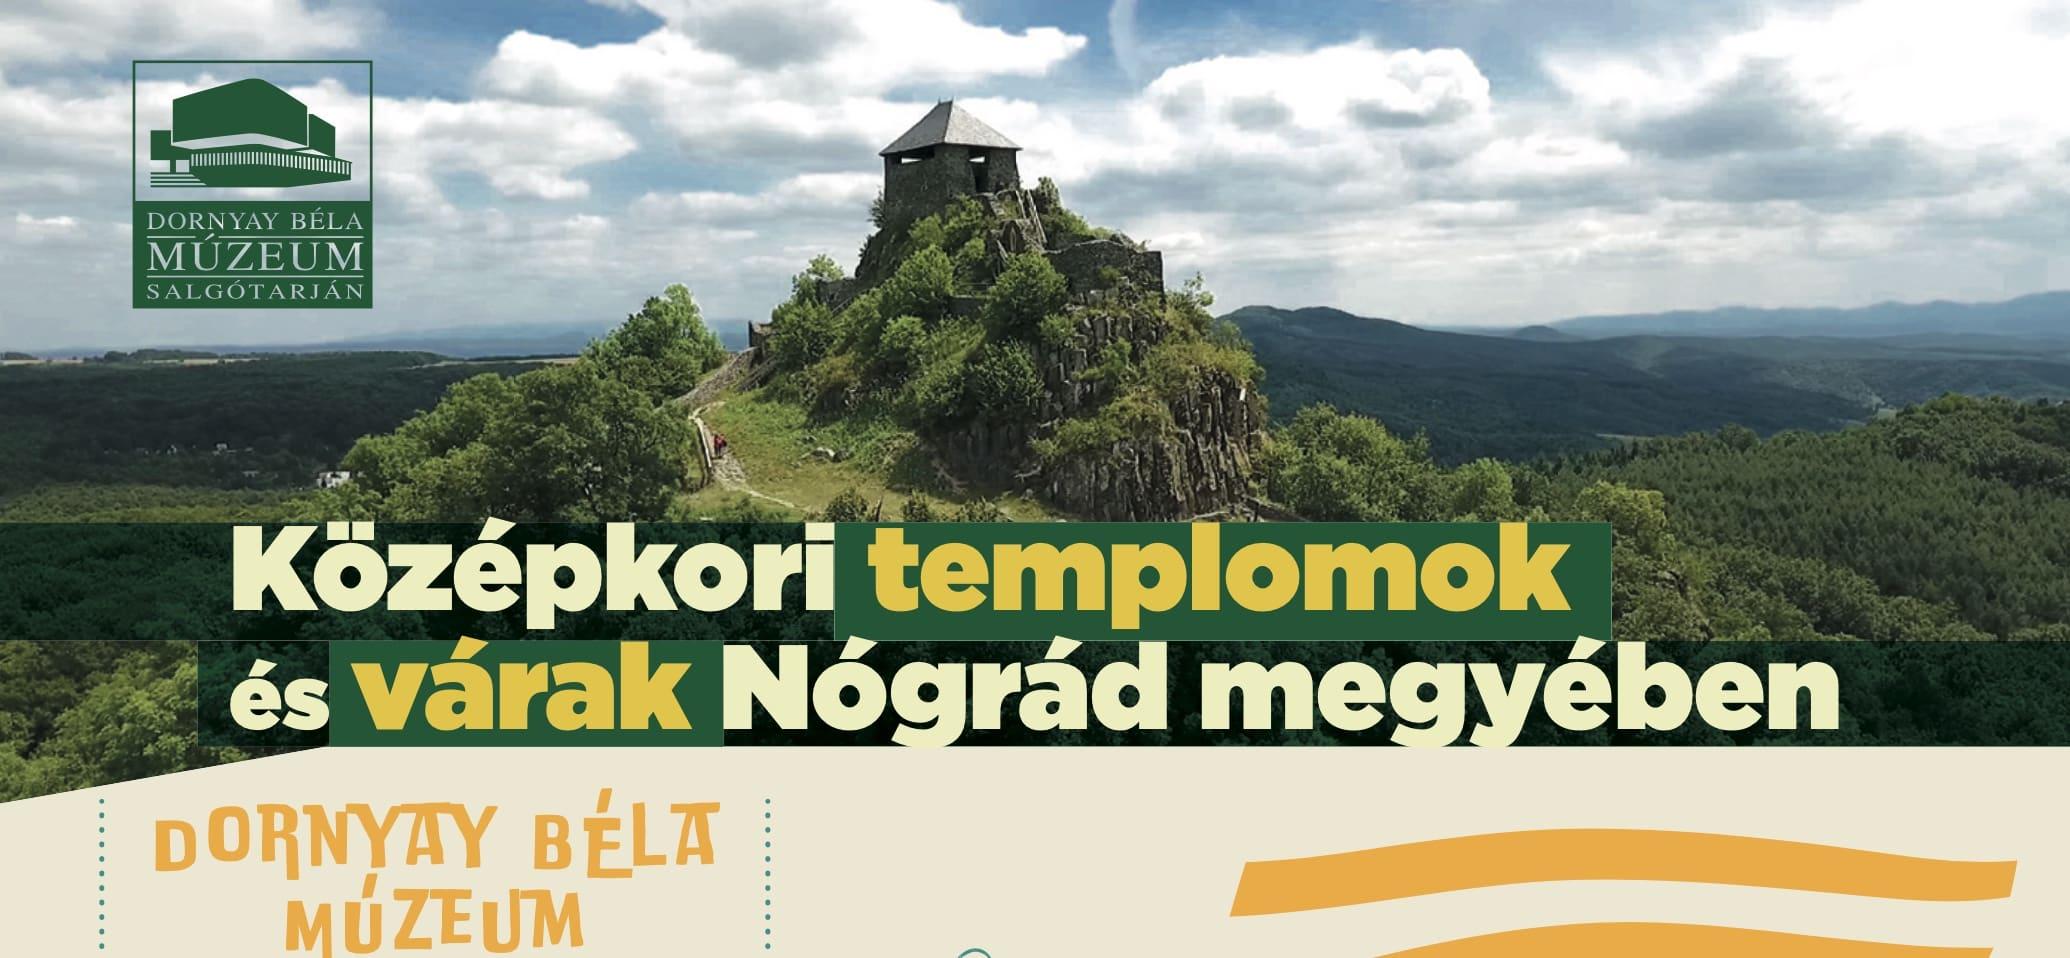 kozepkori templomok nyari tabor 2021 slide